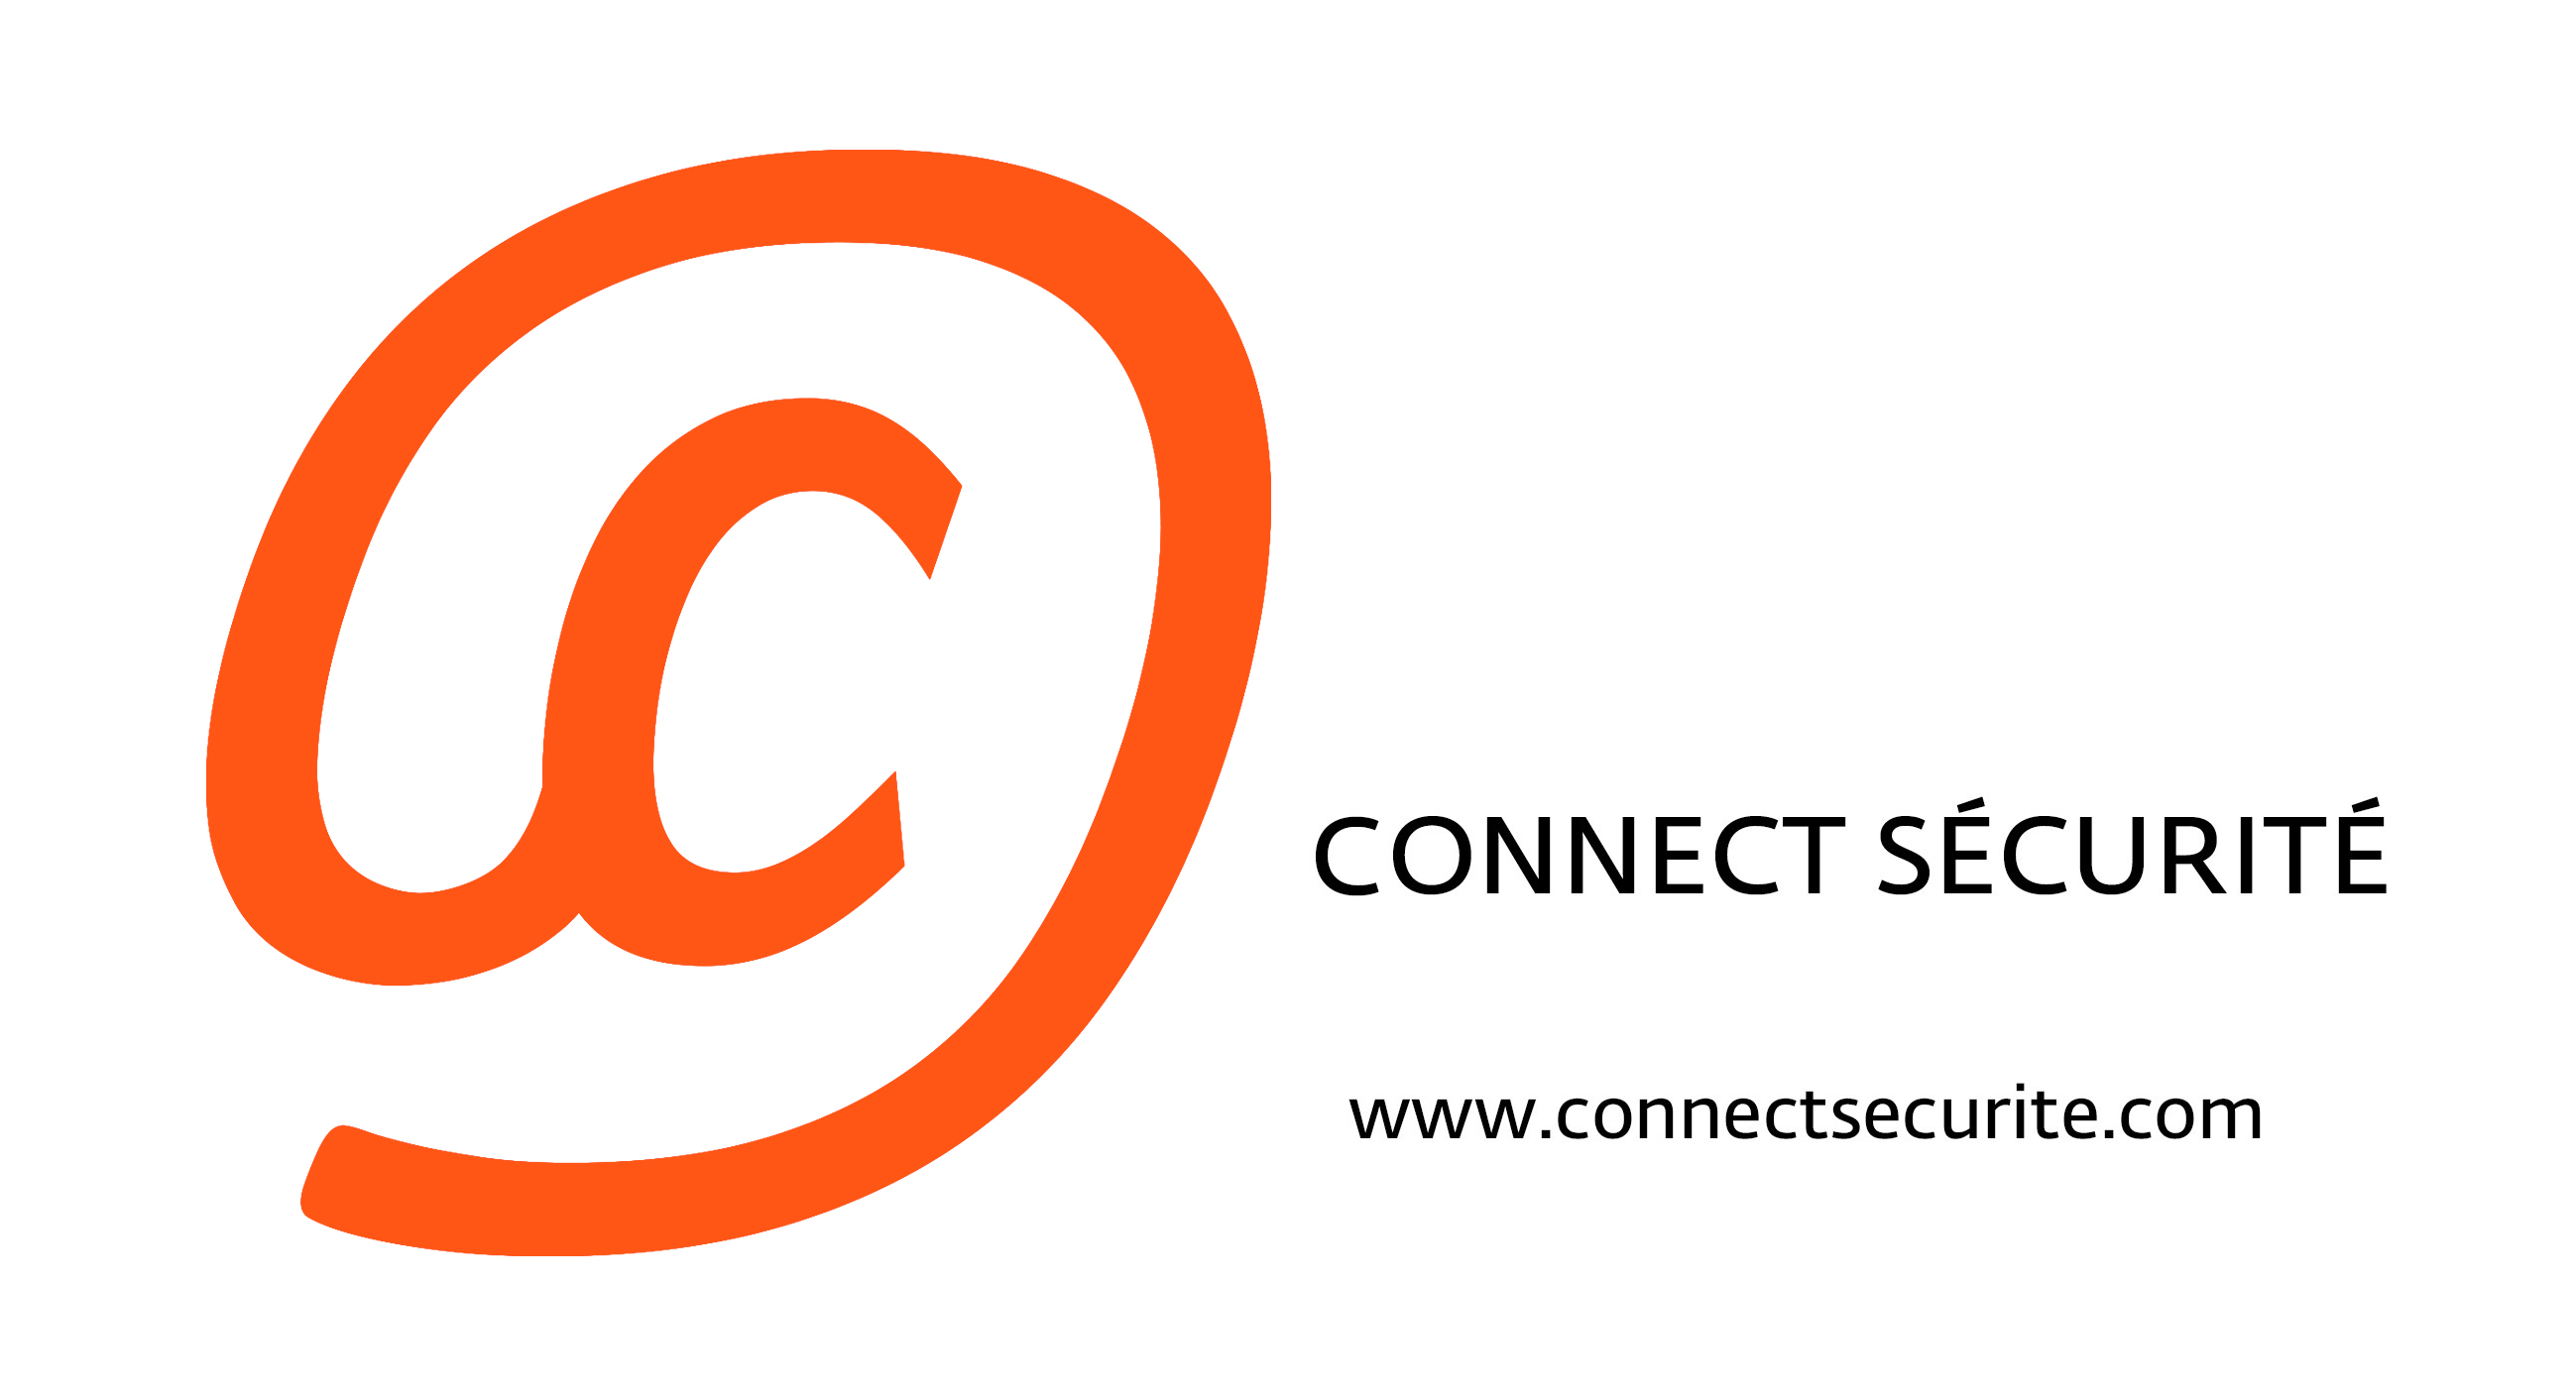 CONECTSECURITE--testfondblancbis-3-1476101309.jpg